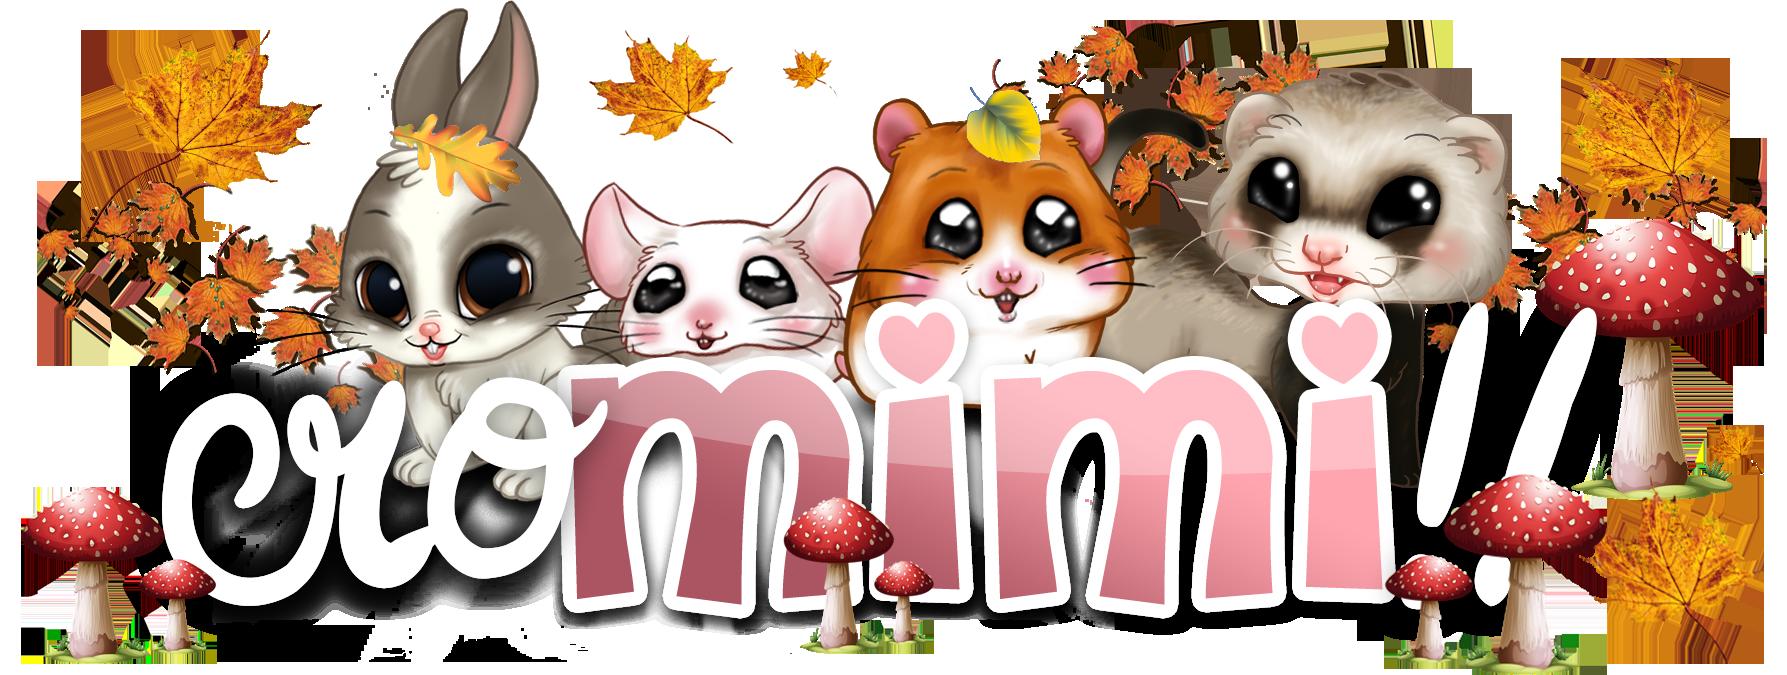 Cromimi - 1º Jogo Grátis de Animais Virtuais Online